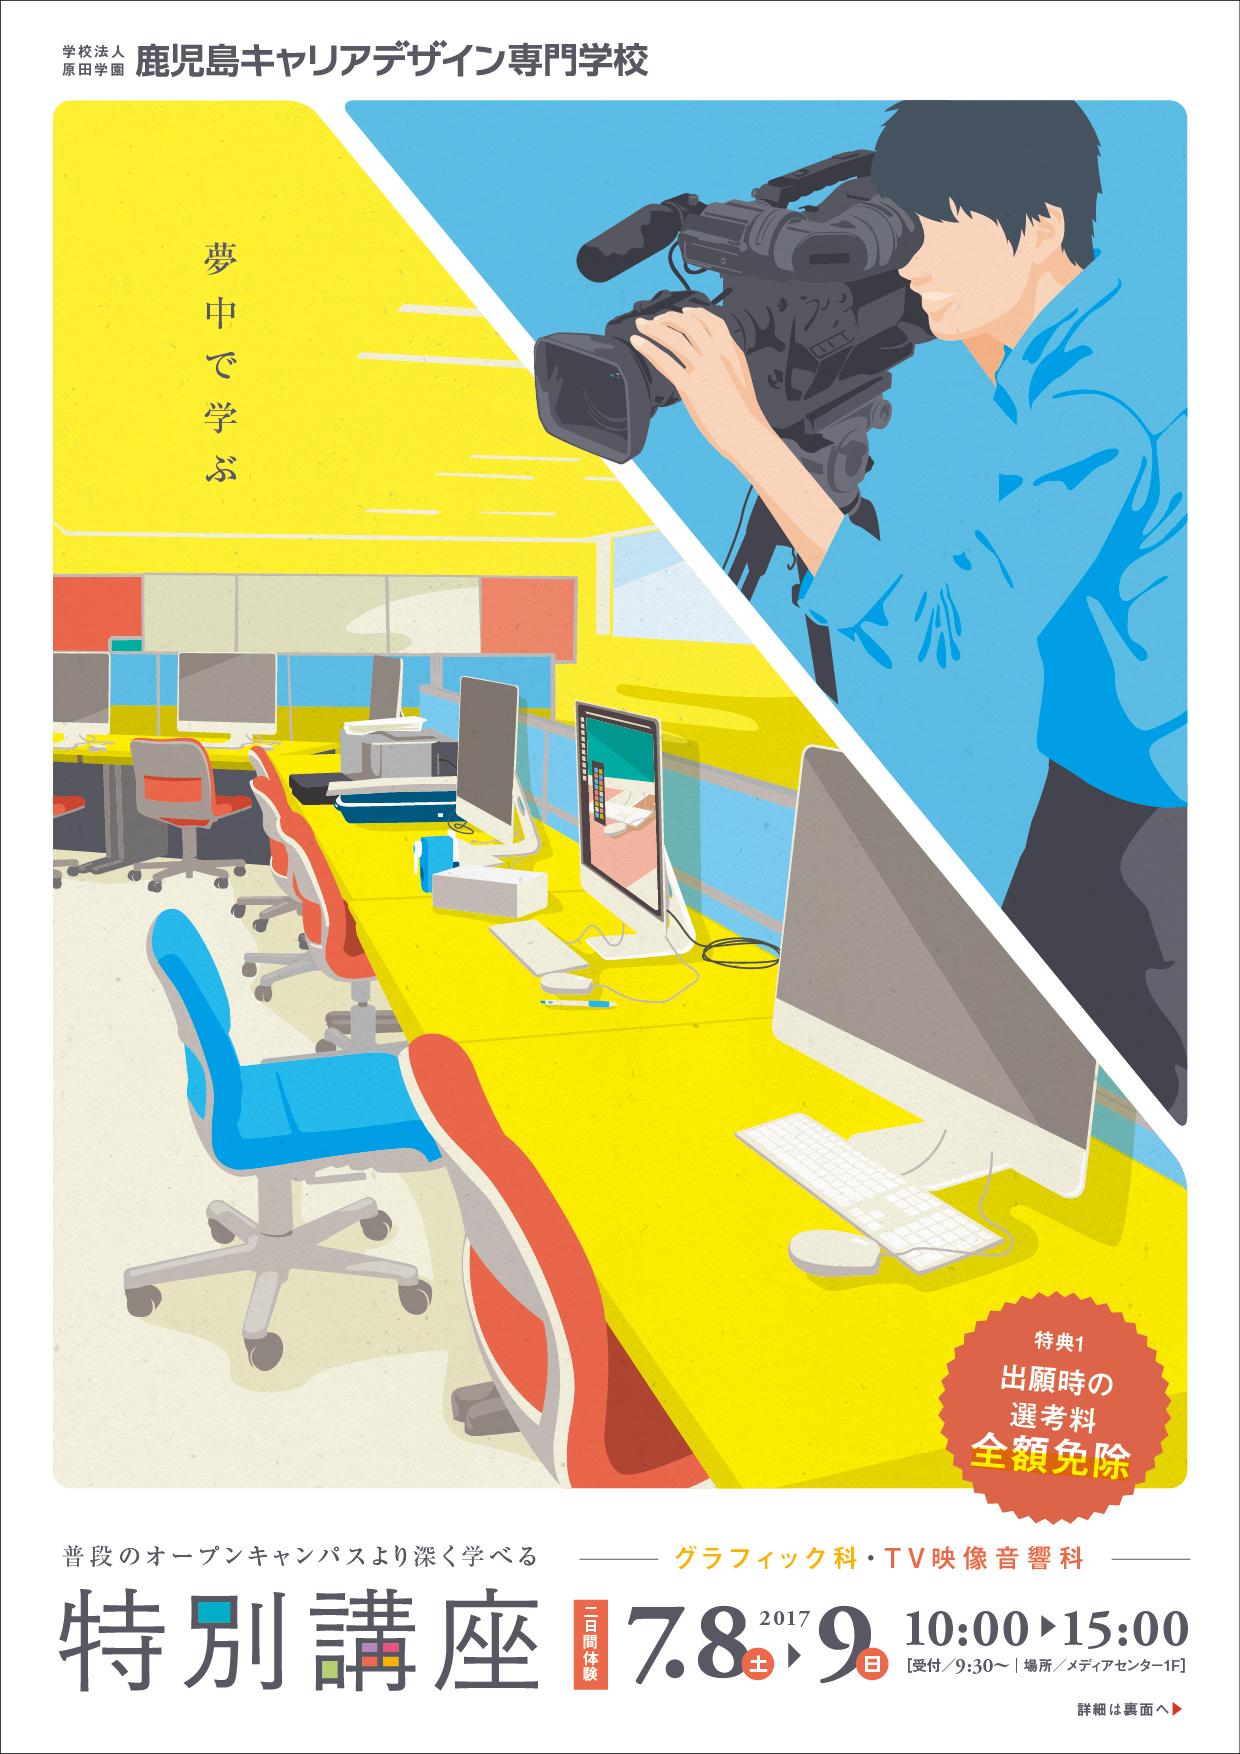 gra&TVtokubetu